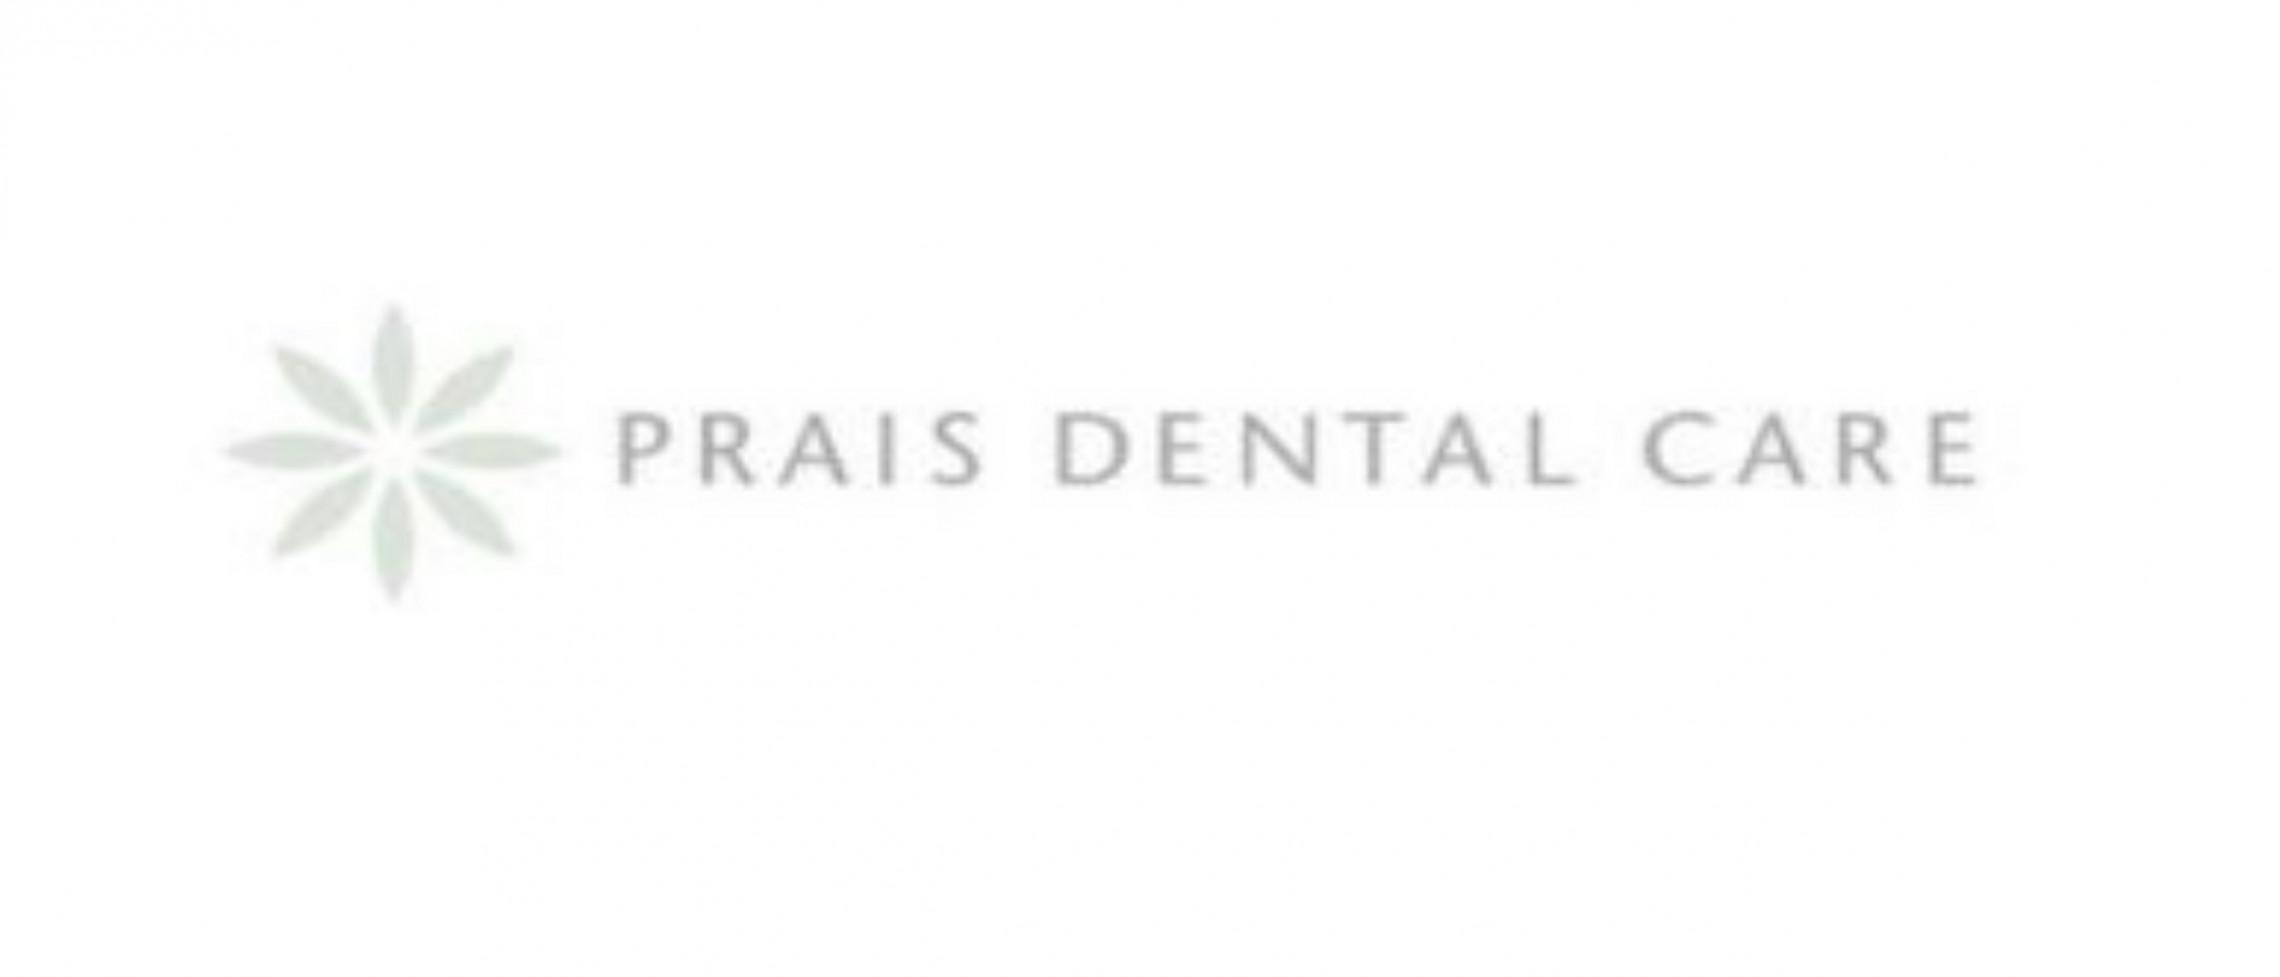 Prais Dental Care